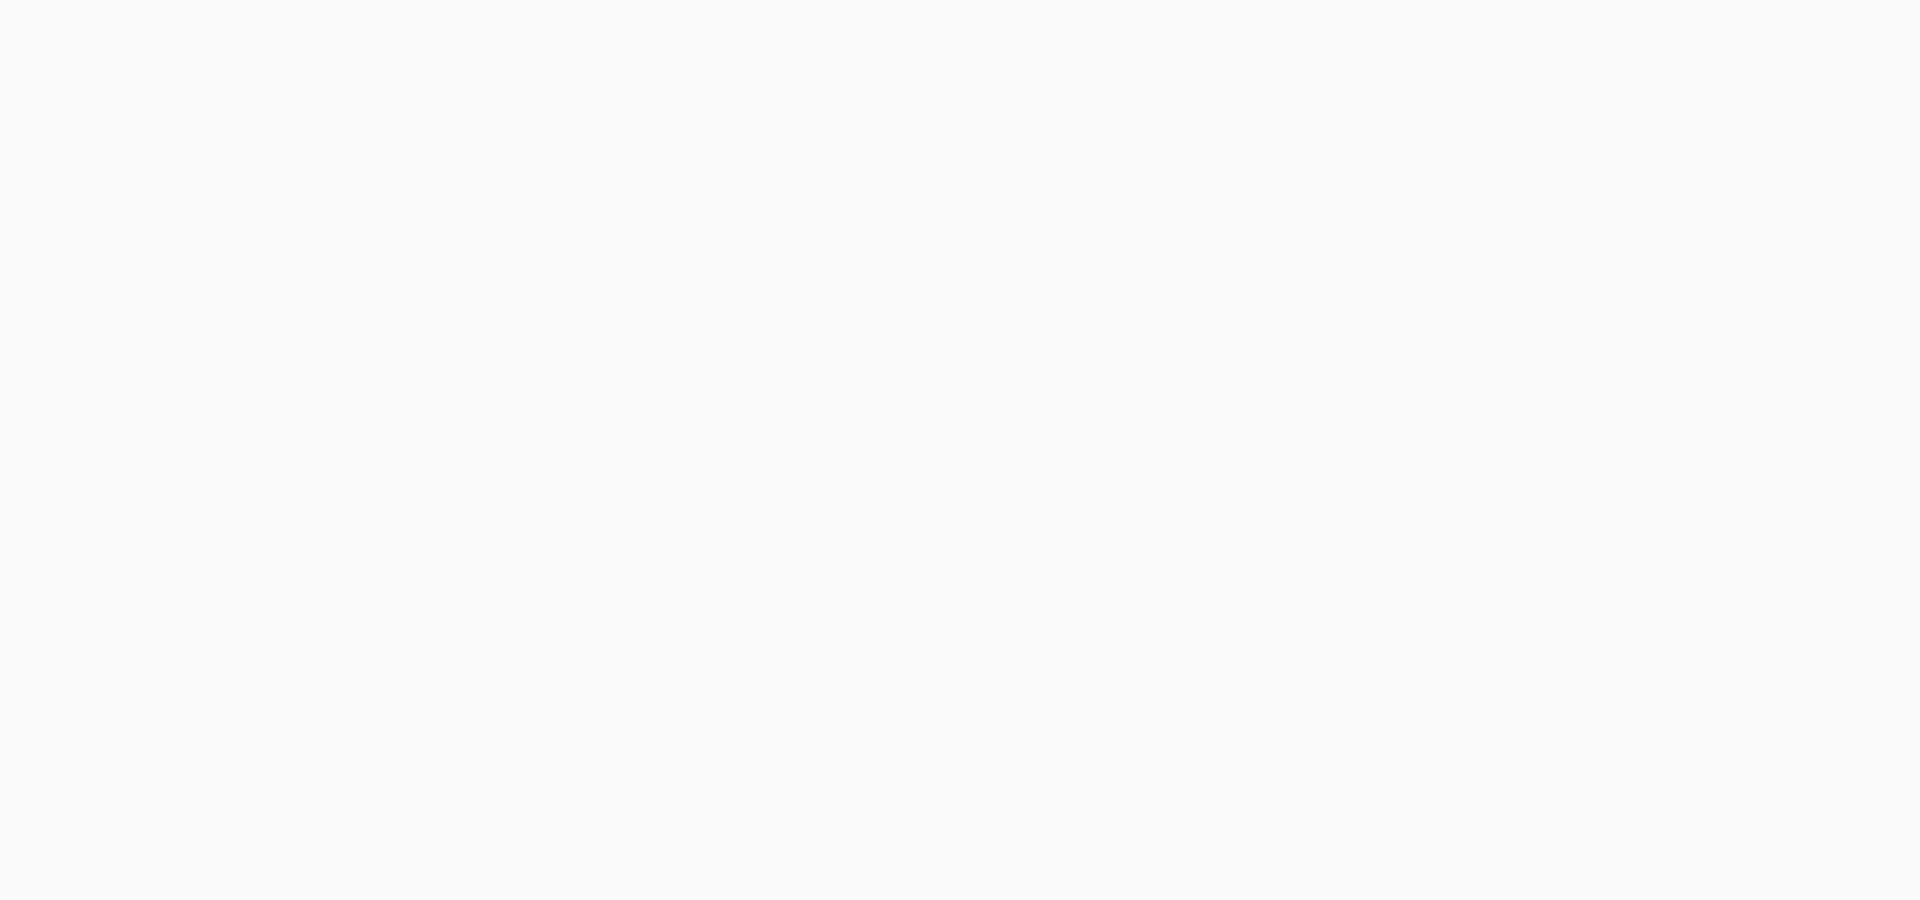 bg_shape